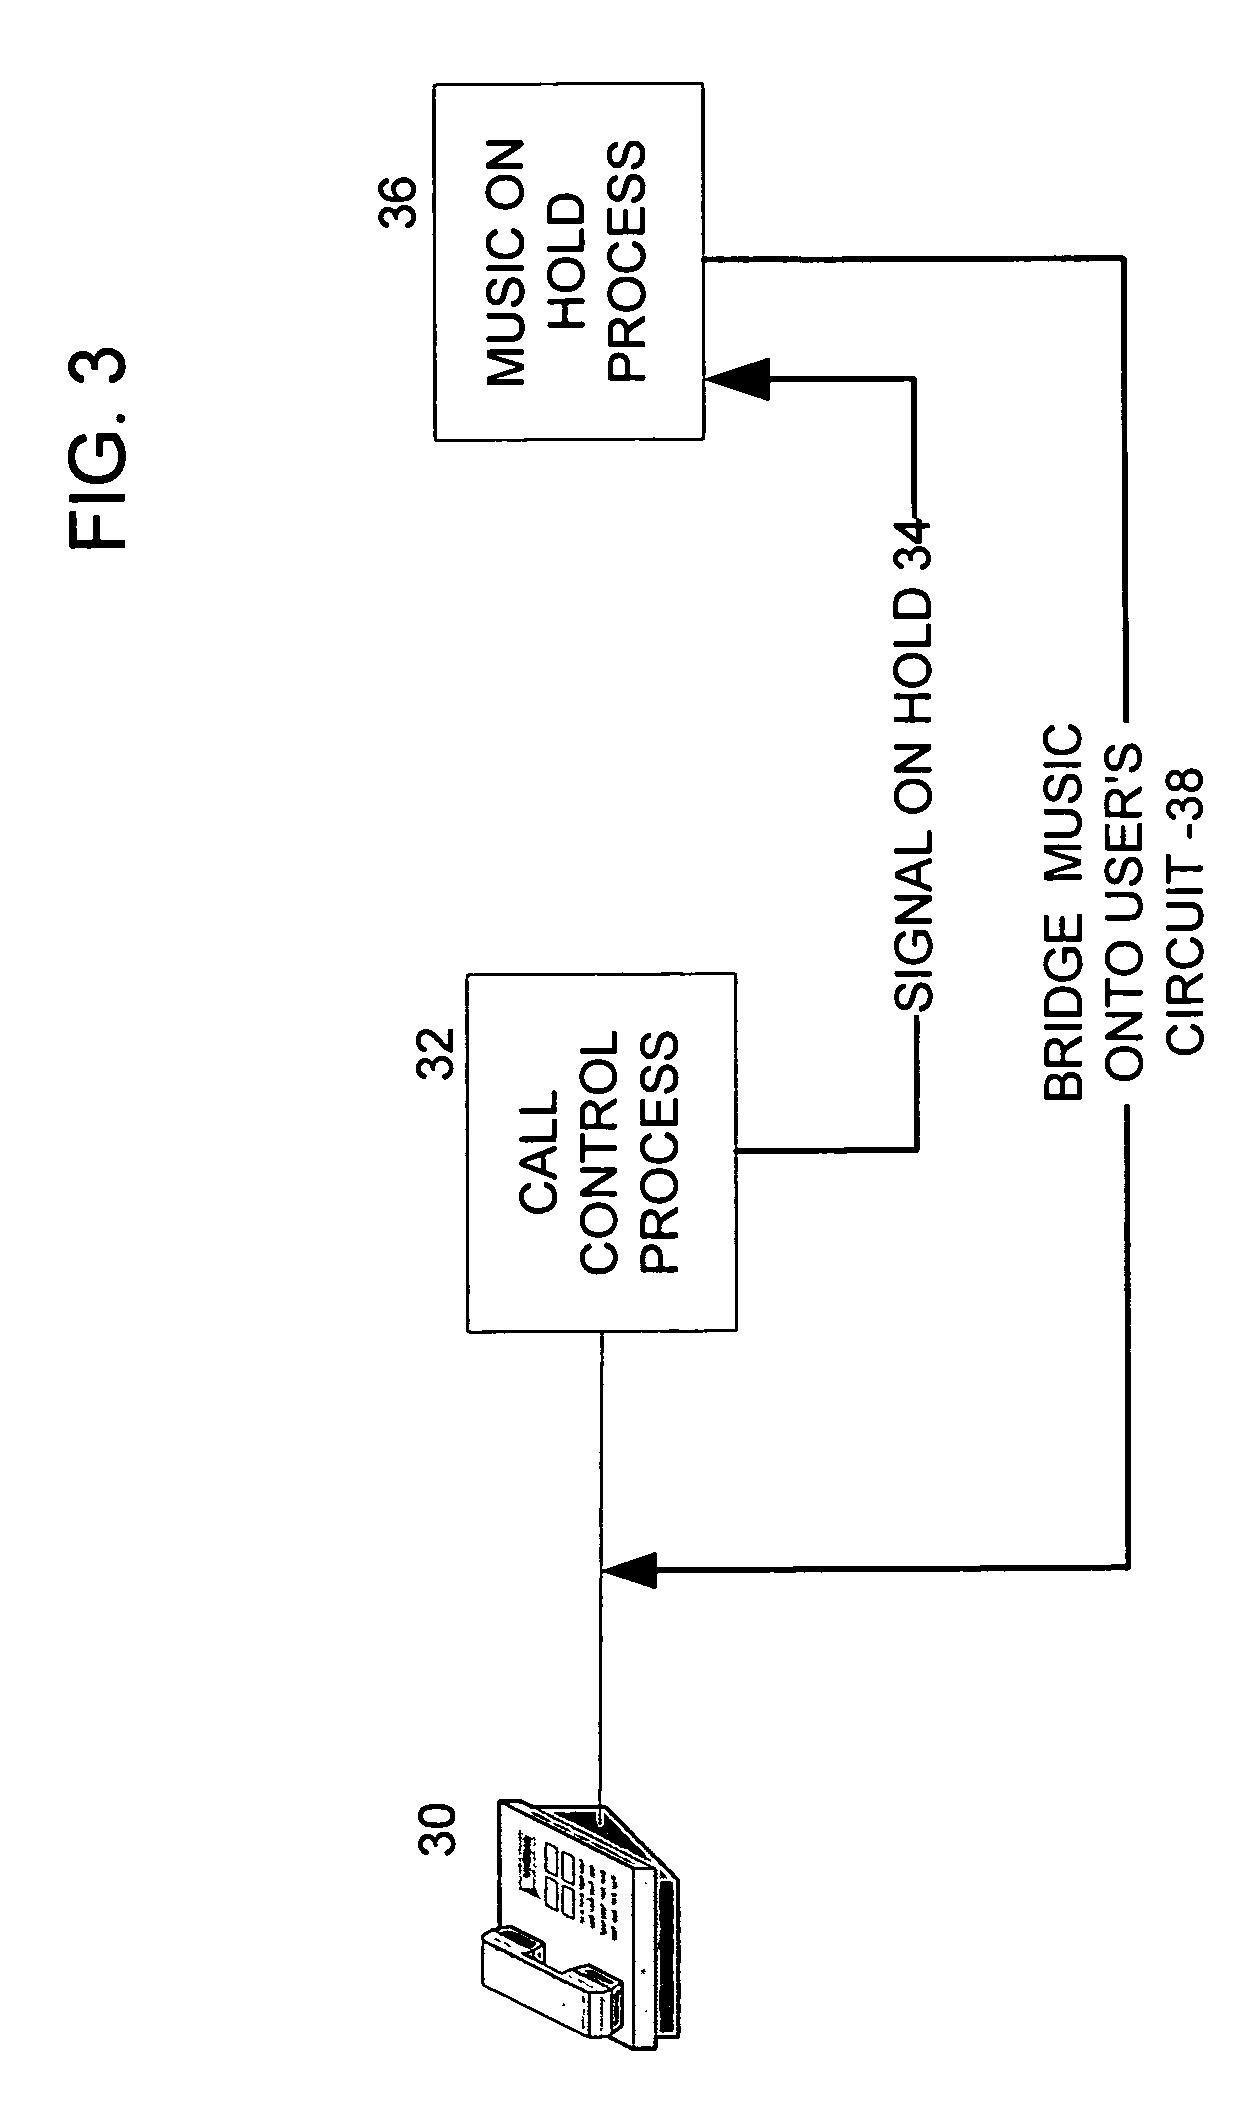 patent us7929679